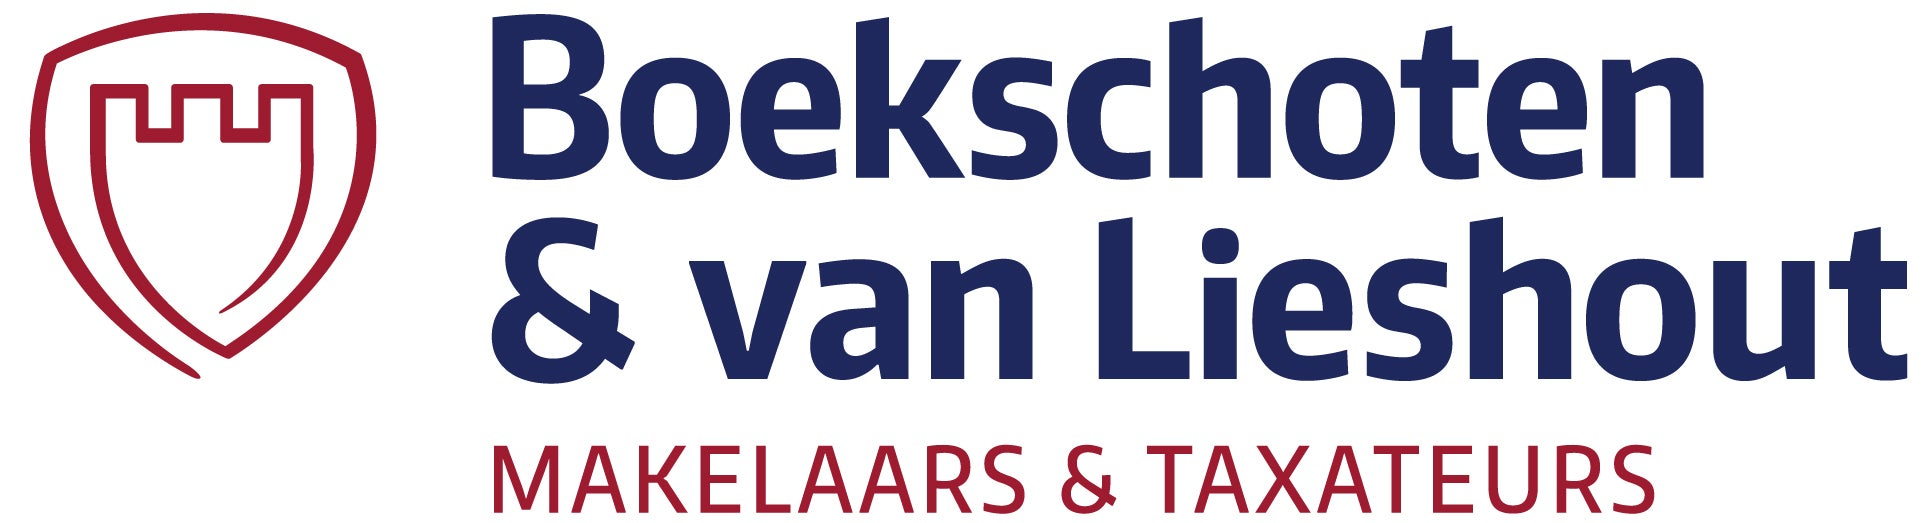 Partner logo   Boekschoten & van Lieshout makelaars